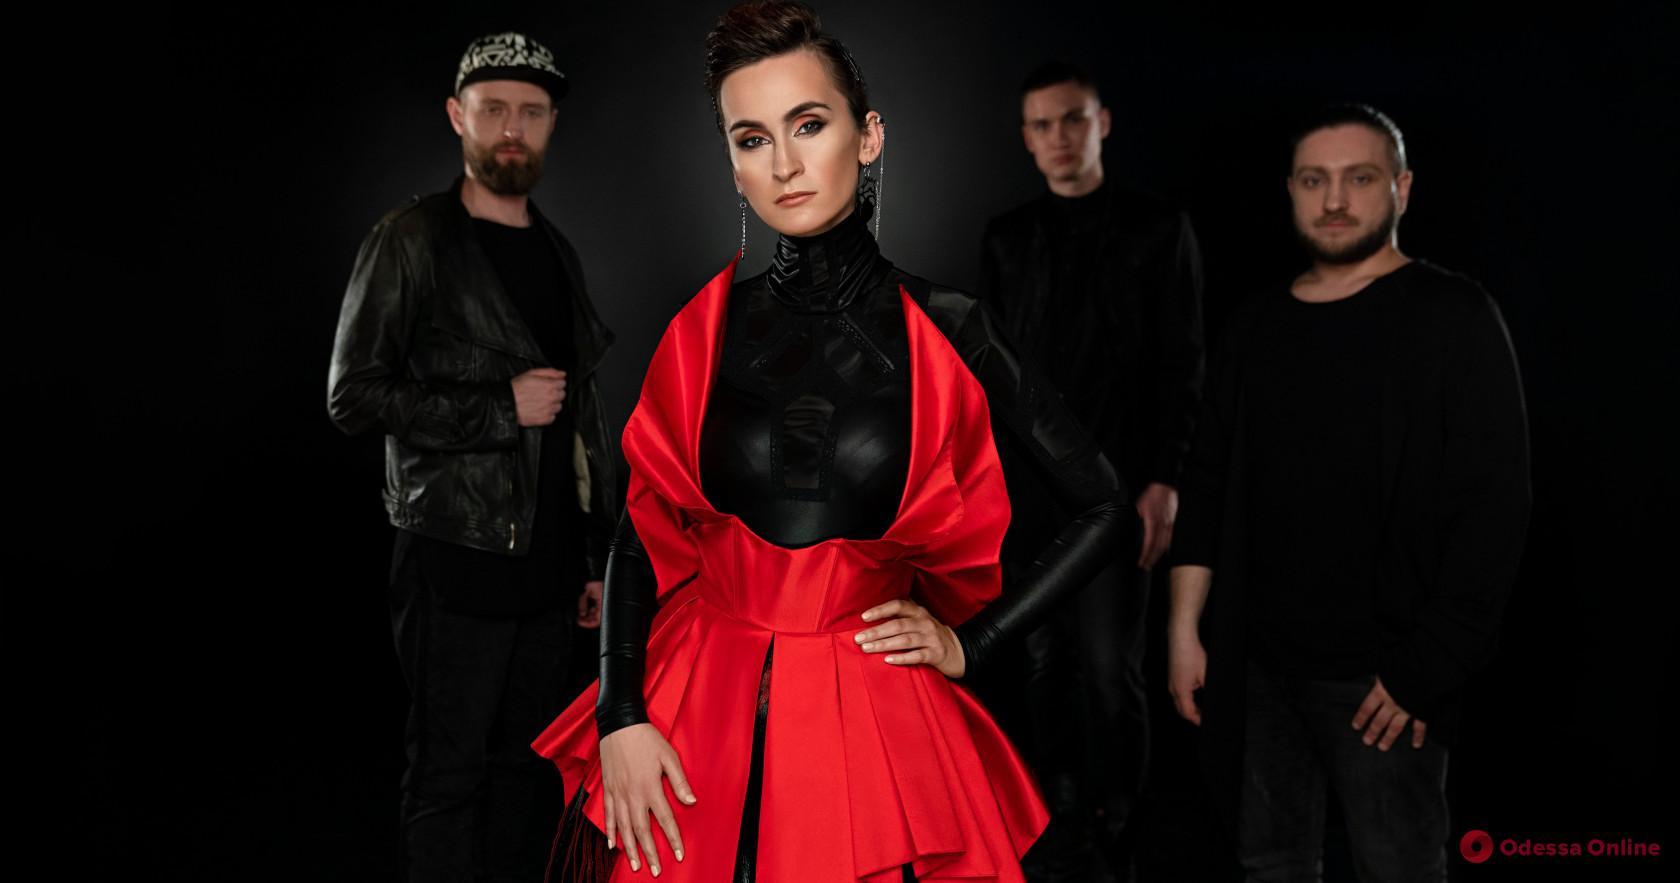 «Евровидение-2021»: выступление группы Go_A бьет рекорды по просмотрам на YouTube